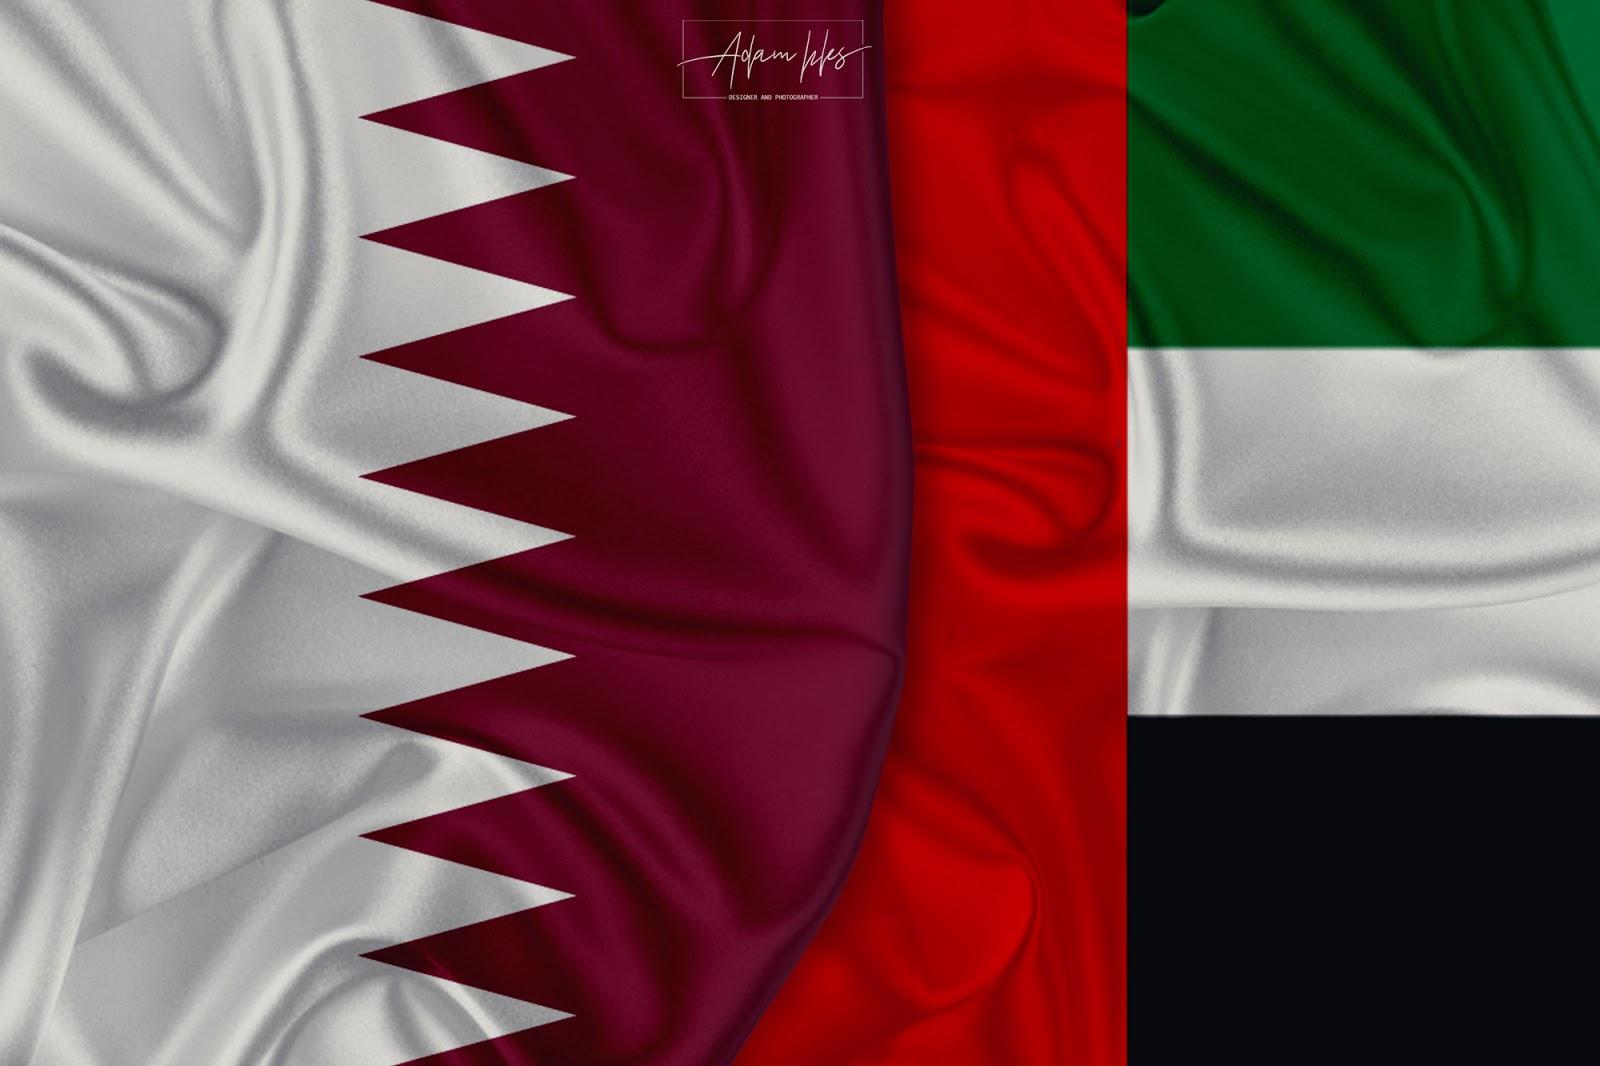 علم قطر وعلم الامارات